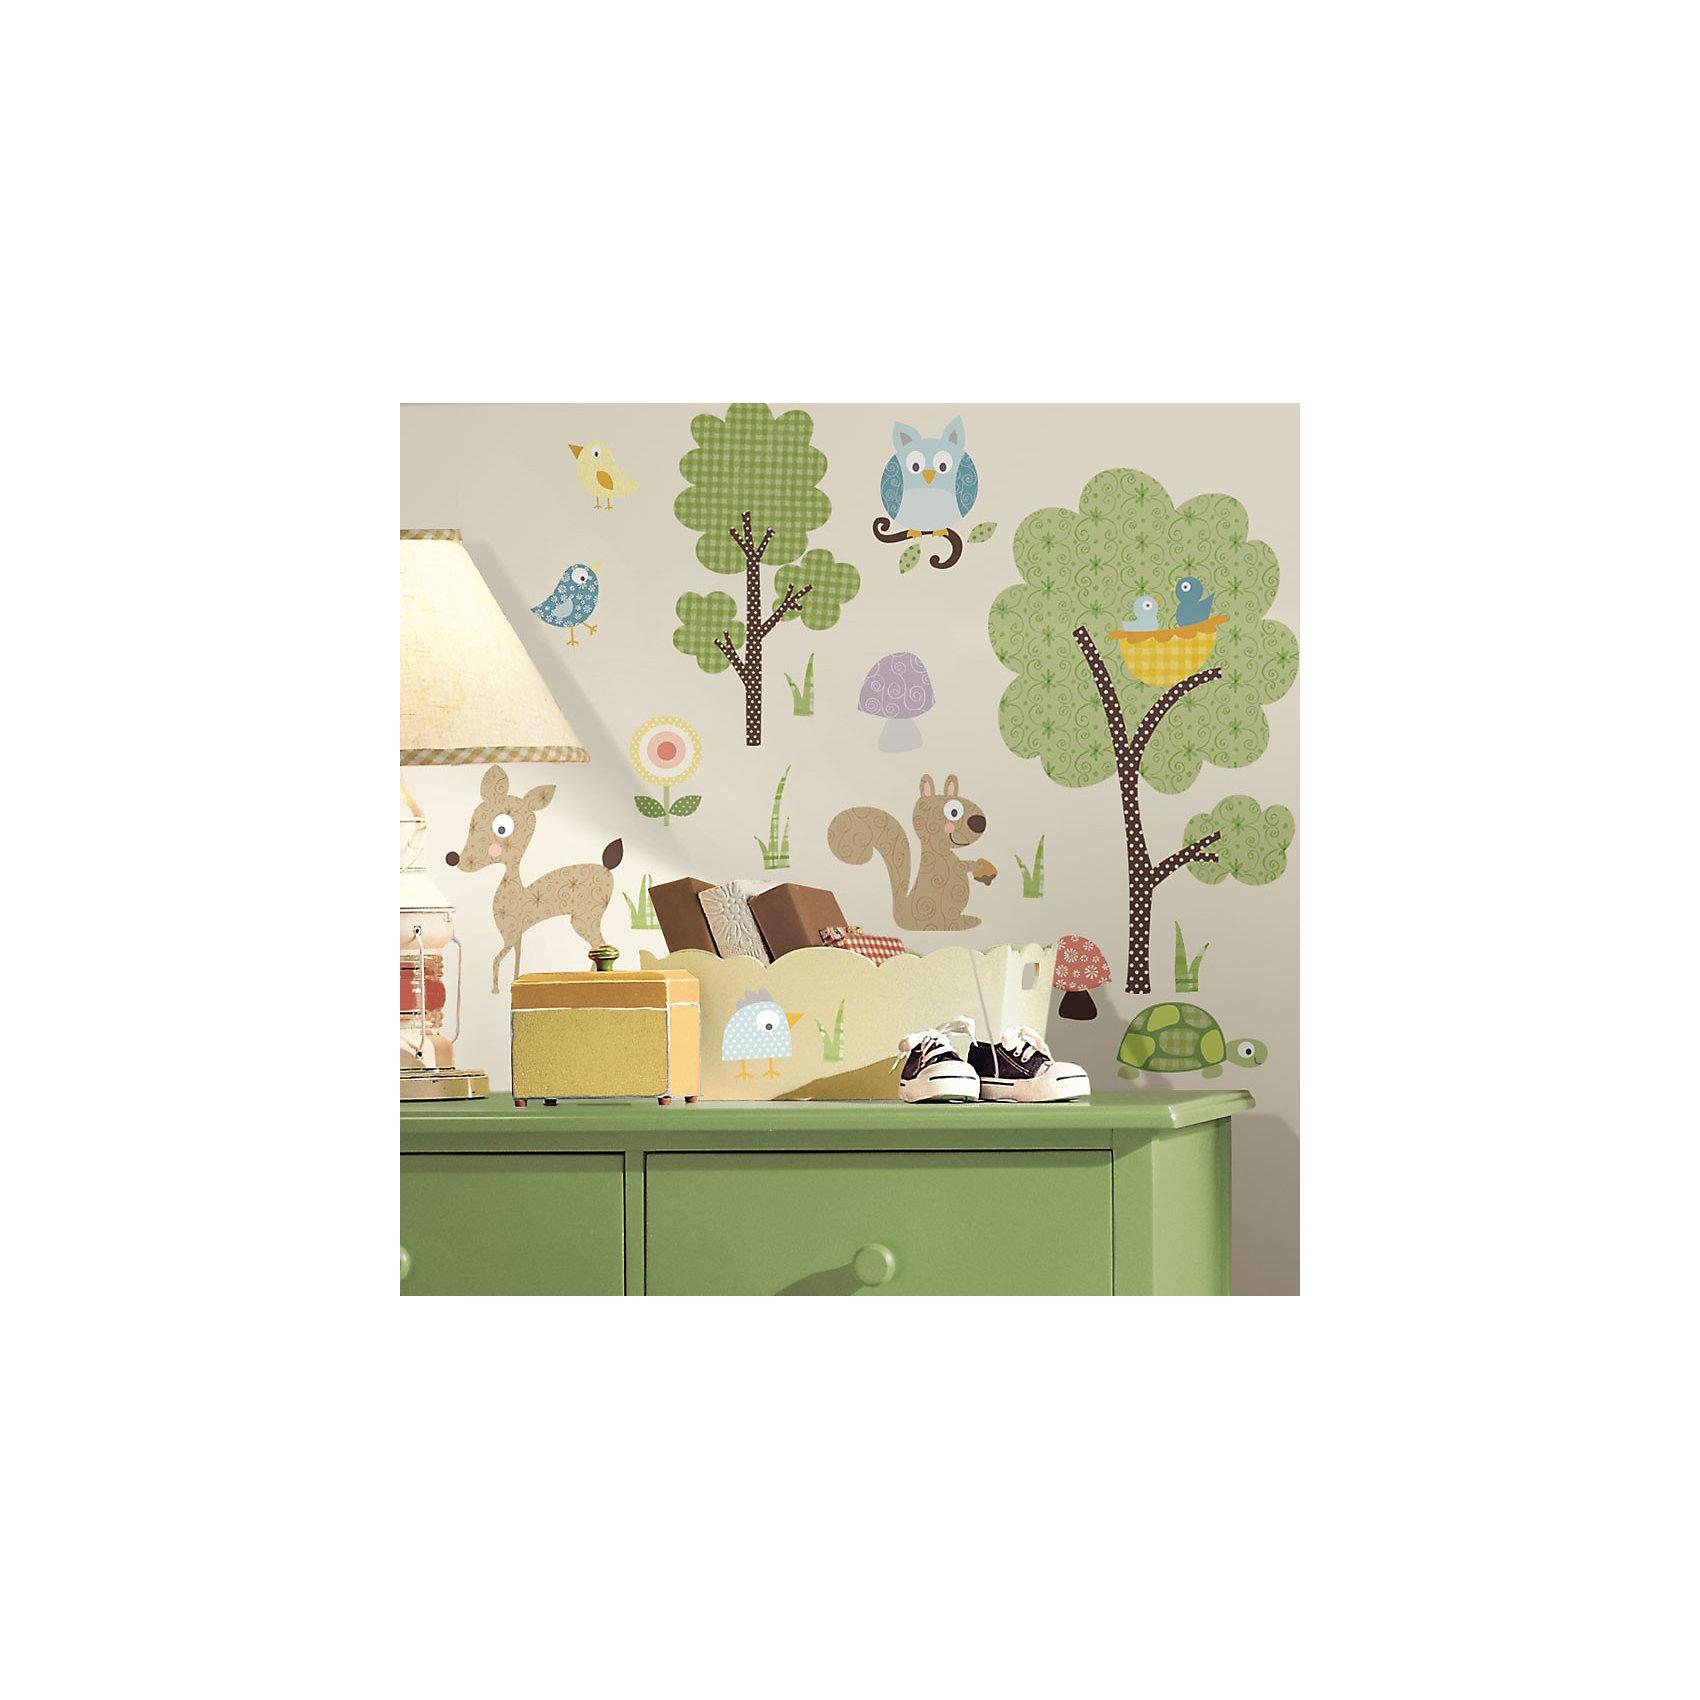 Наклейки для декора Лесные звериНаклейки для декора Лесные жители от знаменитого производителя RoomMates станут украшением вашей квартиры! Природа никогда не была такой веселой! Привнесите цвет и яркость в комнату с помощью нового увлекательного набора наклеек для декора! Каждый лист наклеек, входящих в комплект, содержит изображения дружелюбных белочек, веселых кроликов, любопытного оленя, а также птичек, цветов, деревьев и многого другого! Всего в наборе 89 стикеров. Наклейки не нужно вырезать - их следует просто отсоединить от защитного слоя и поместить на стену или любую другую плоскую гладкую поверхность. Наклейки многоразовые: их легко переклеивать и снимать со стены, они не оставляют липких следов на поверхности. В каждой индивидуальной упаковке Вы можете найти 4 листа с различными наклейками! Таким образом, покупая наклейки фирмы RoomMates, Вы получаете гораздо больший ассортимент наклеек, имея возможность украсить ими различные поверхности в доме.<br><br>Ширина мм: 275<br>Глубина мм: 126<br>Высота мм: 27<br>Вес г: 149<br>Цвет: зеленый<br>Возраст от месяцев: 0<br>Возраст до месяцев: 72<br>Пол: Унисекс<br>Возраст: Детский<br>SKU: 2090721